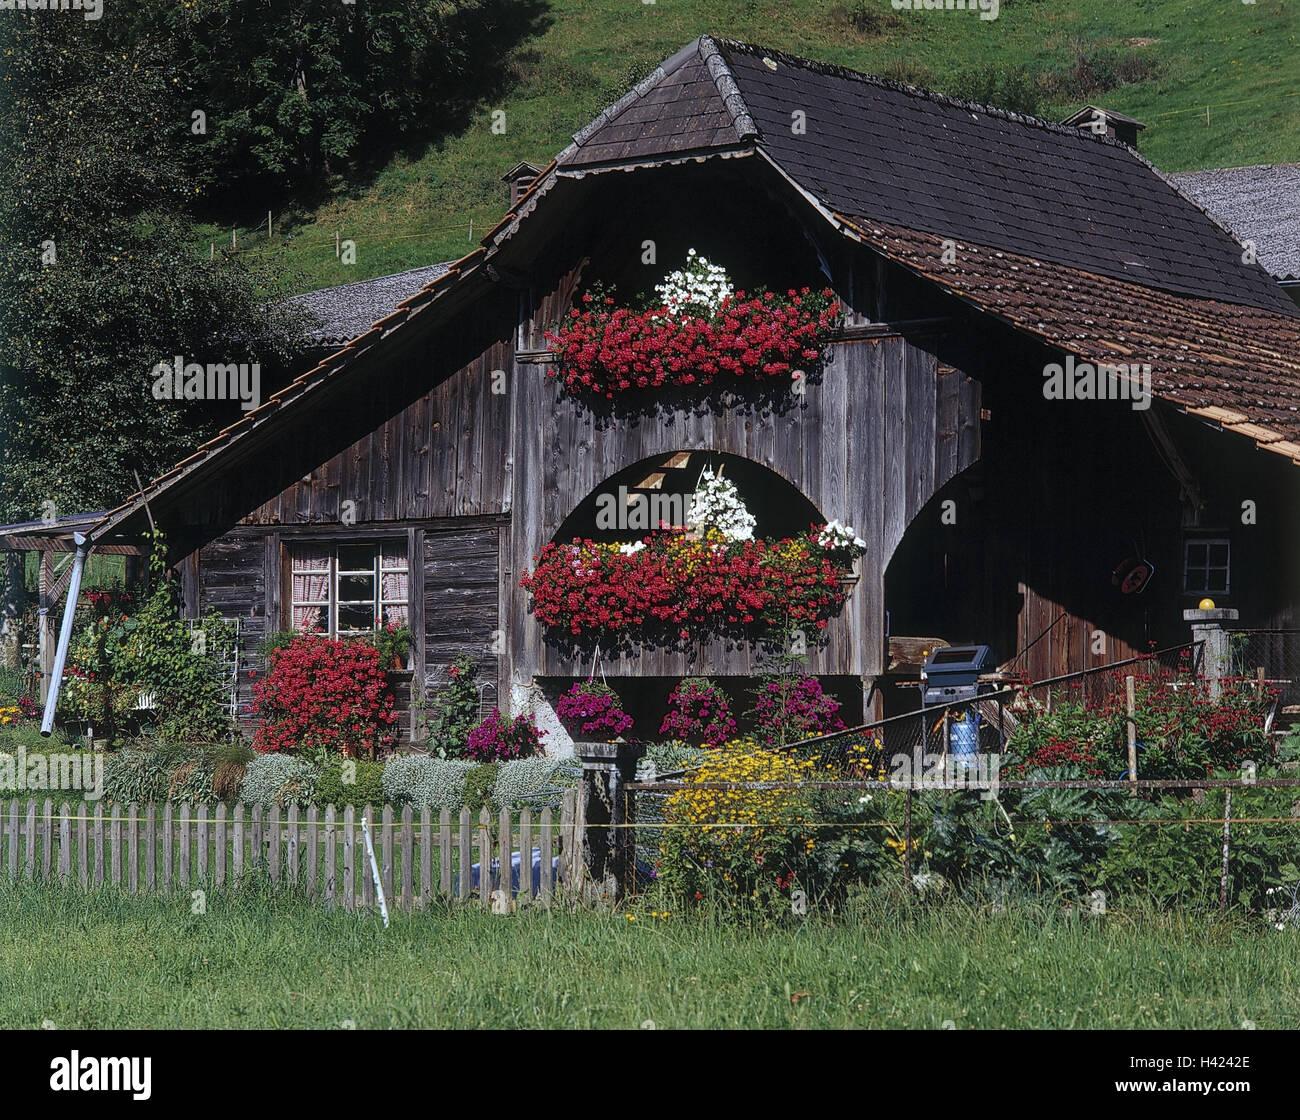 Schweiz kanton bern emmental bauernhaus blumenschmuck - Bauernhof garten ...